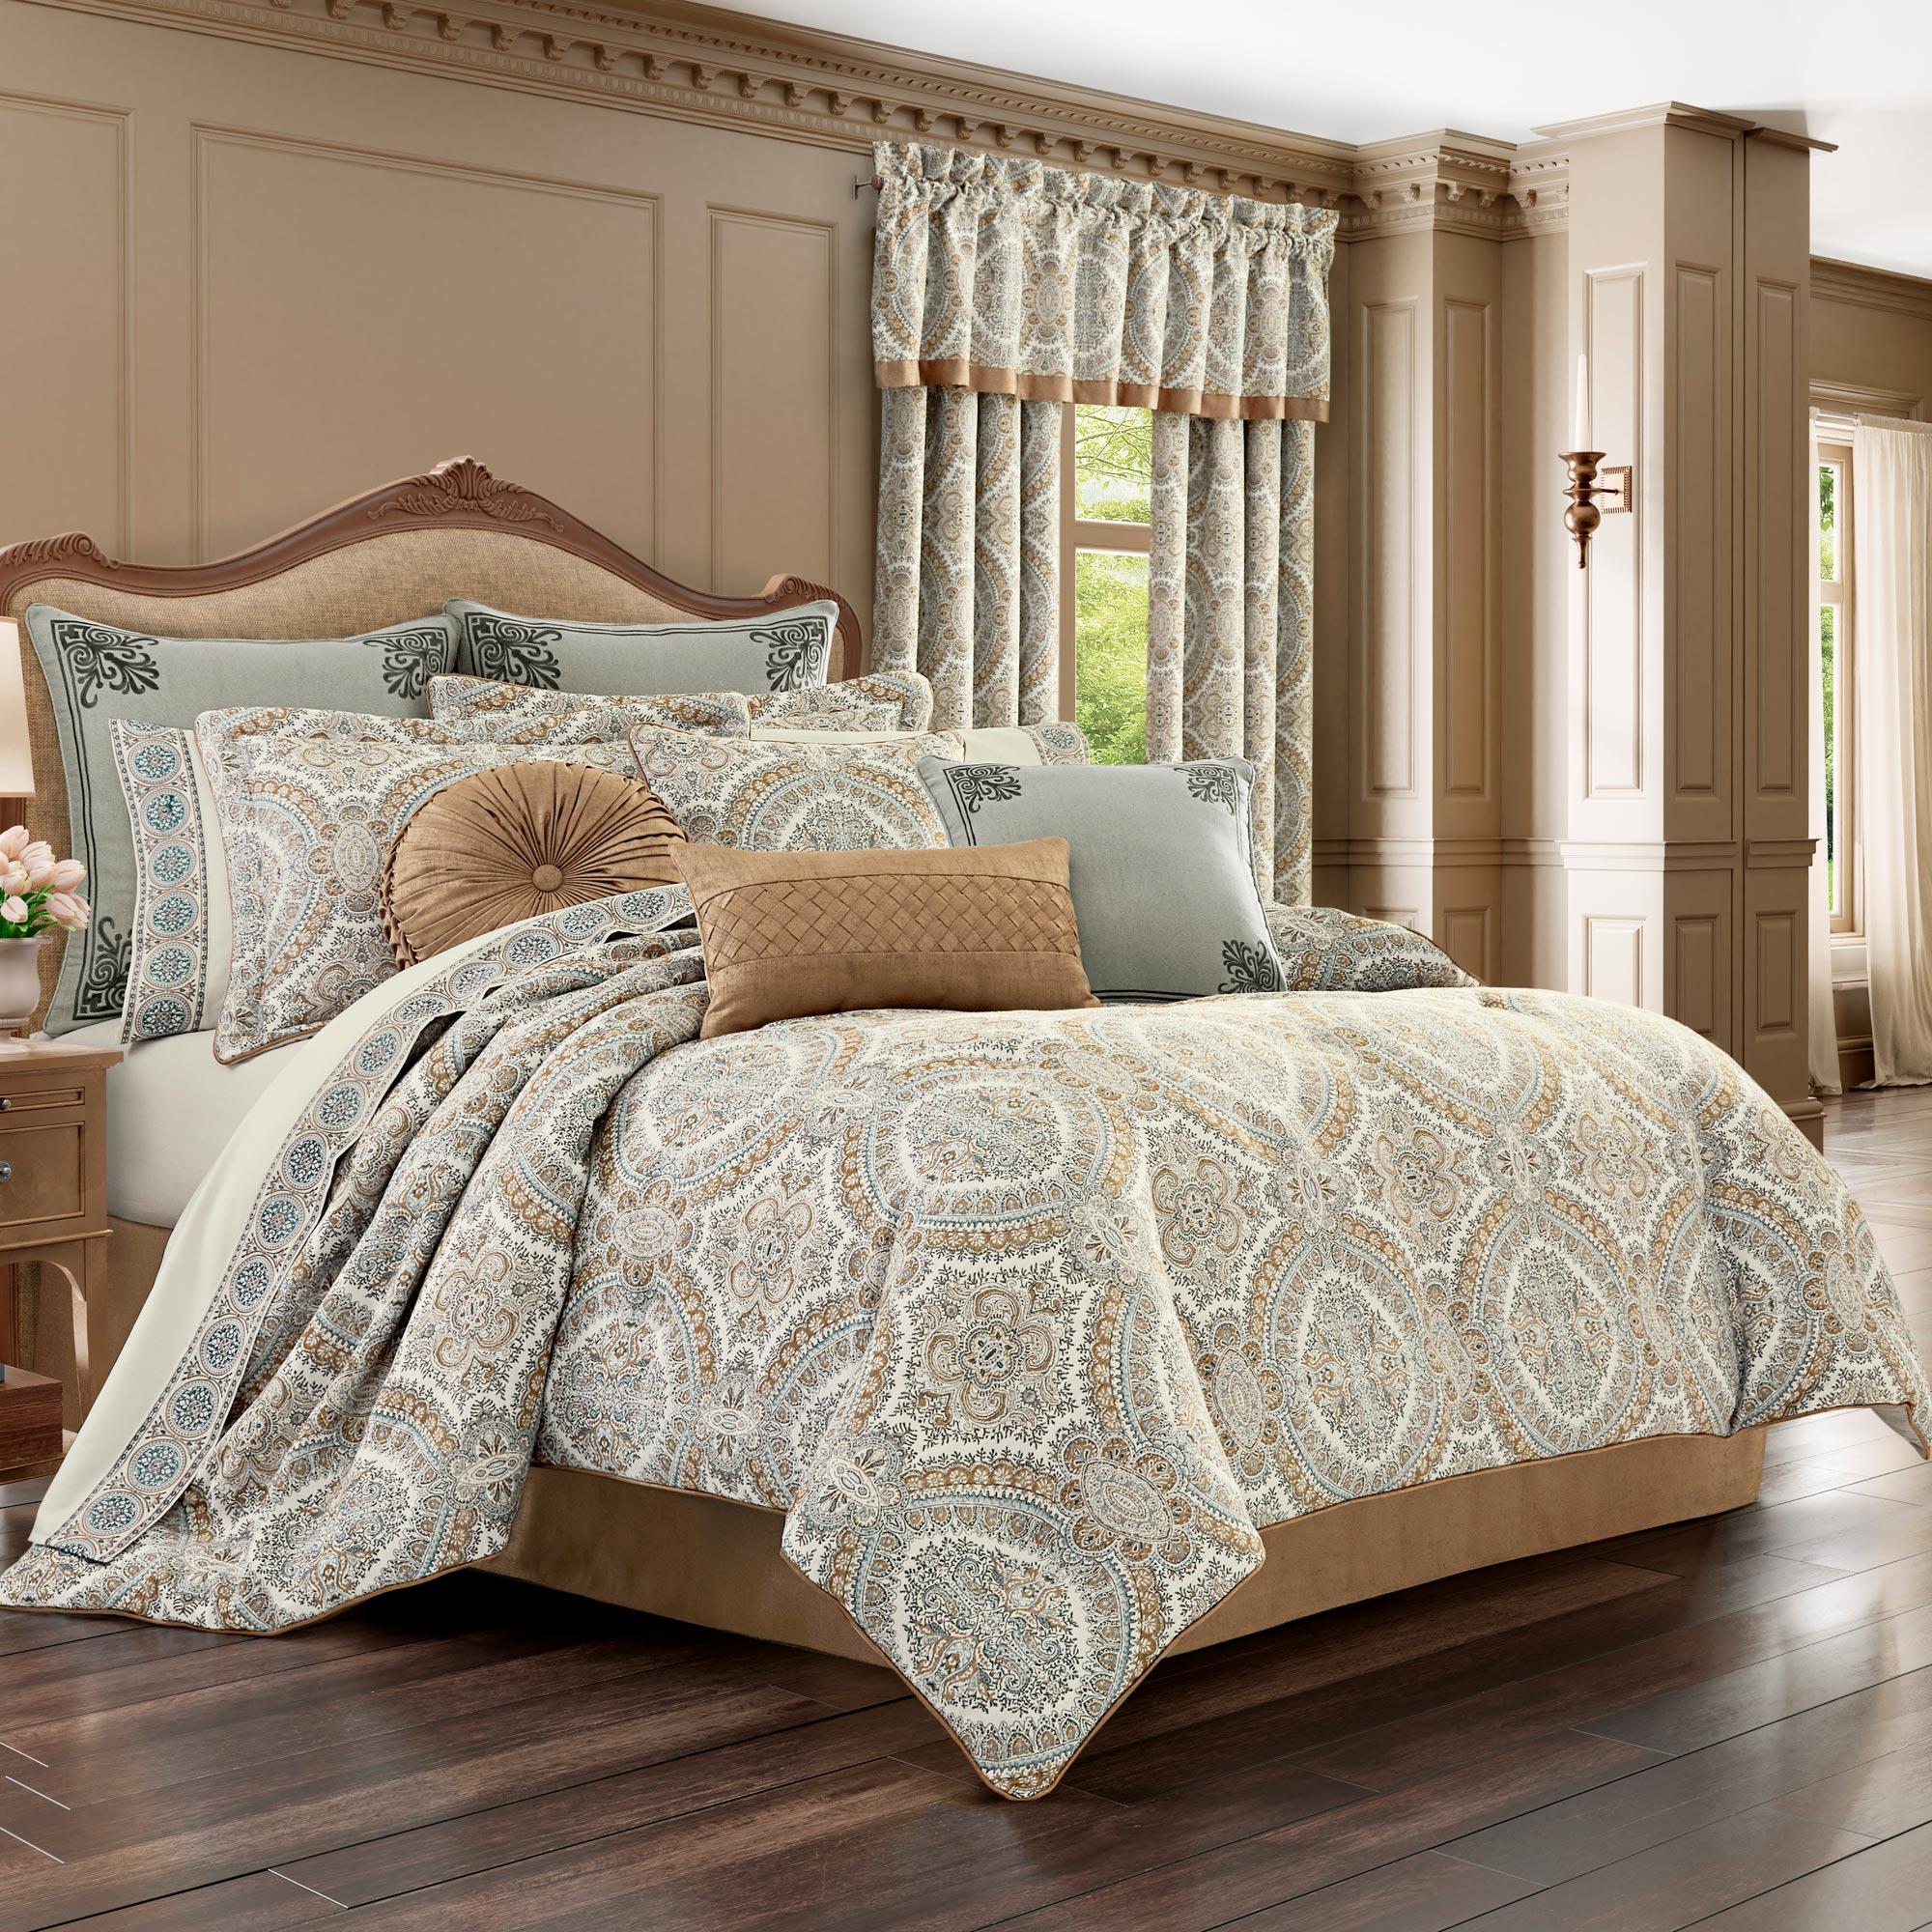 sorrento queen 4-piece comforter set